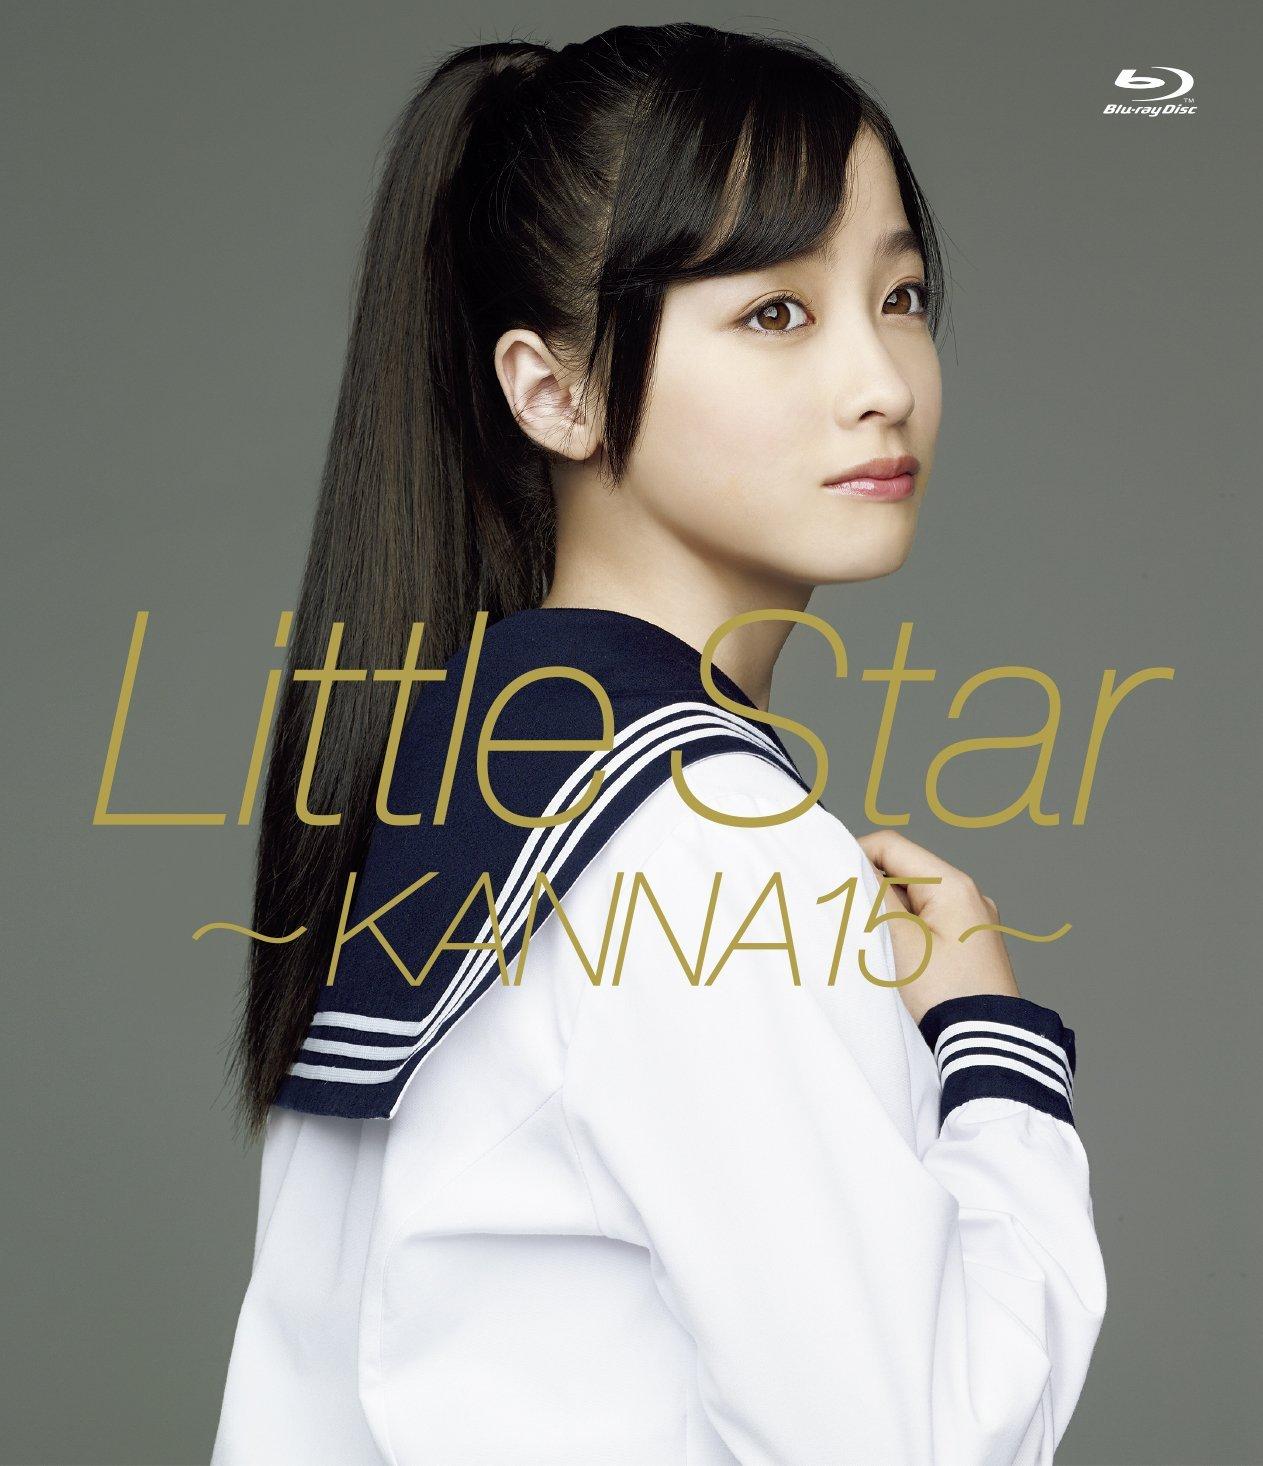 [YRBS-90012] 橋本環奈 – Little Star ~KANNA15~